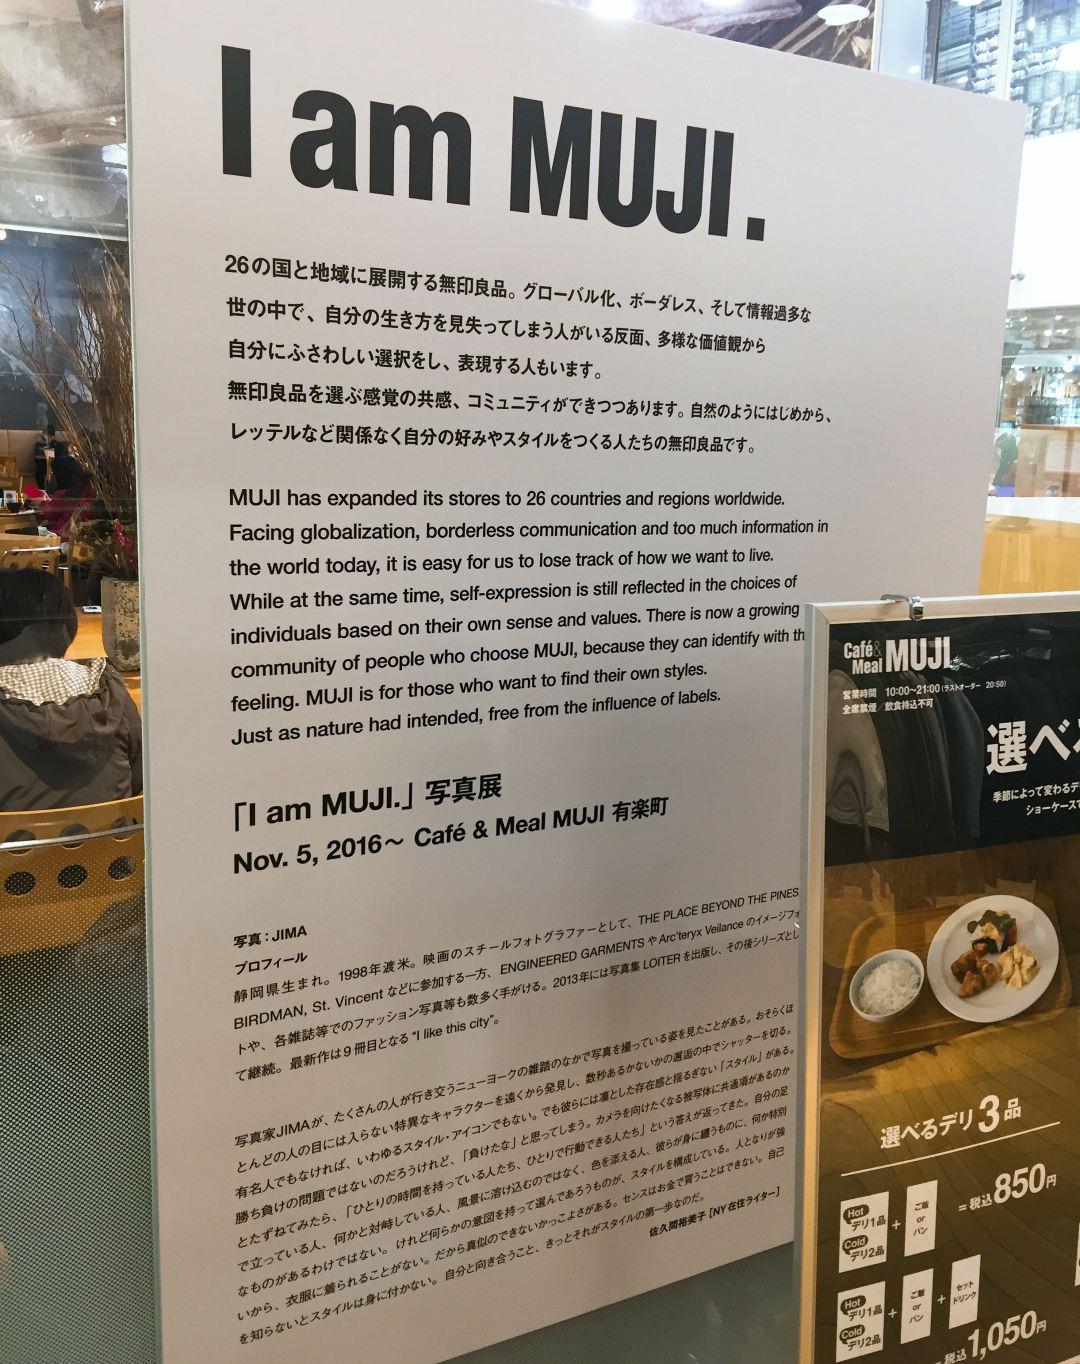 I am MUJI 캠페인을 설명한 안내판 ©생각노트